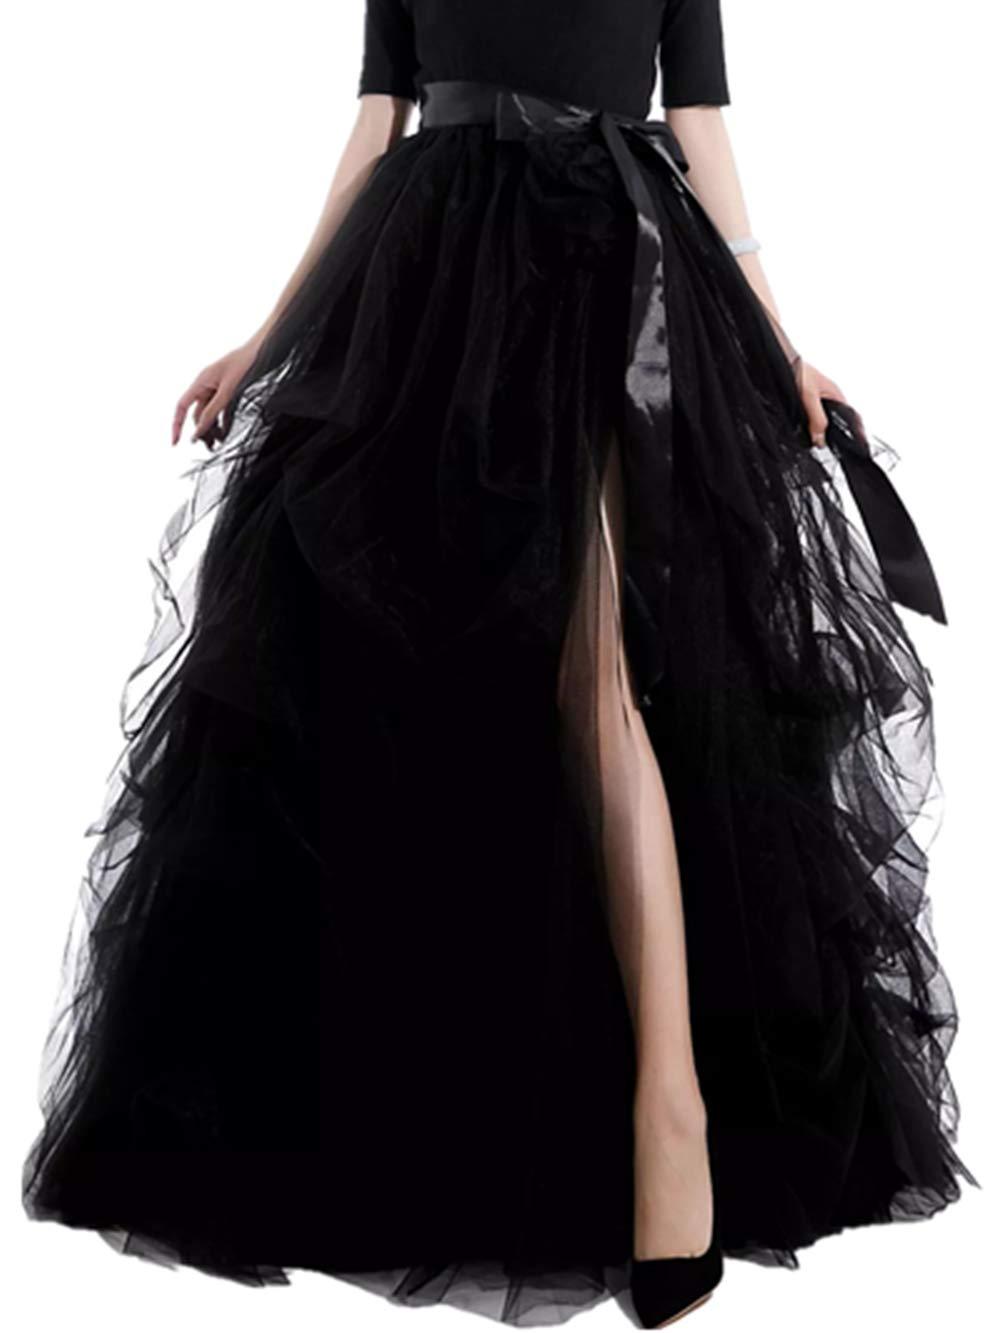 ZHANGQINGHU Women's Long Tutu Tulle Skirt A Line Floor Length Special Occasion Night Out fold SkirtMedium Black by ZHANGQINGHU